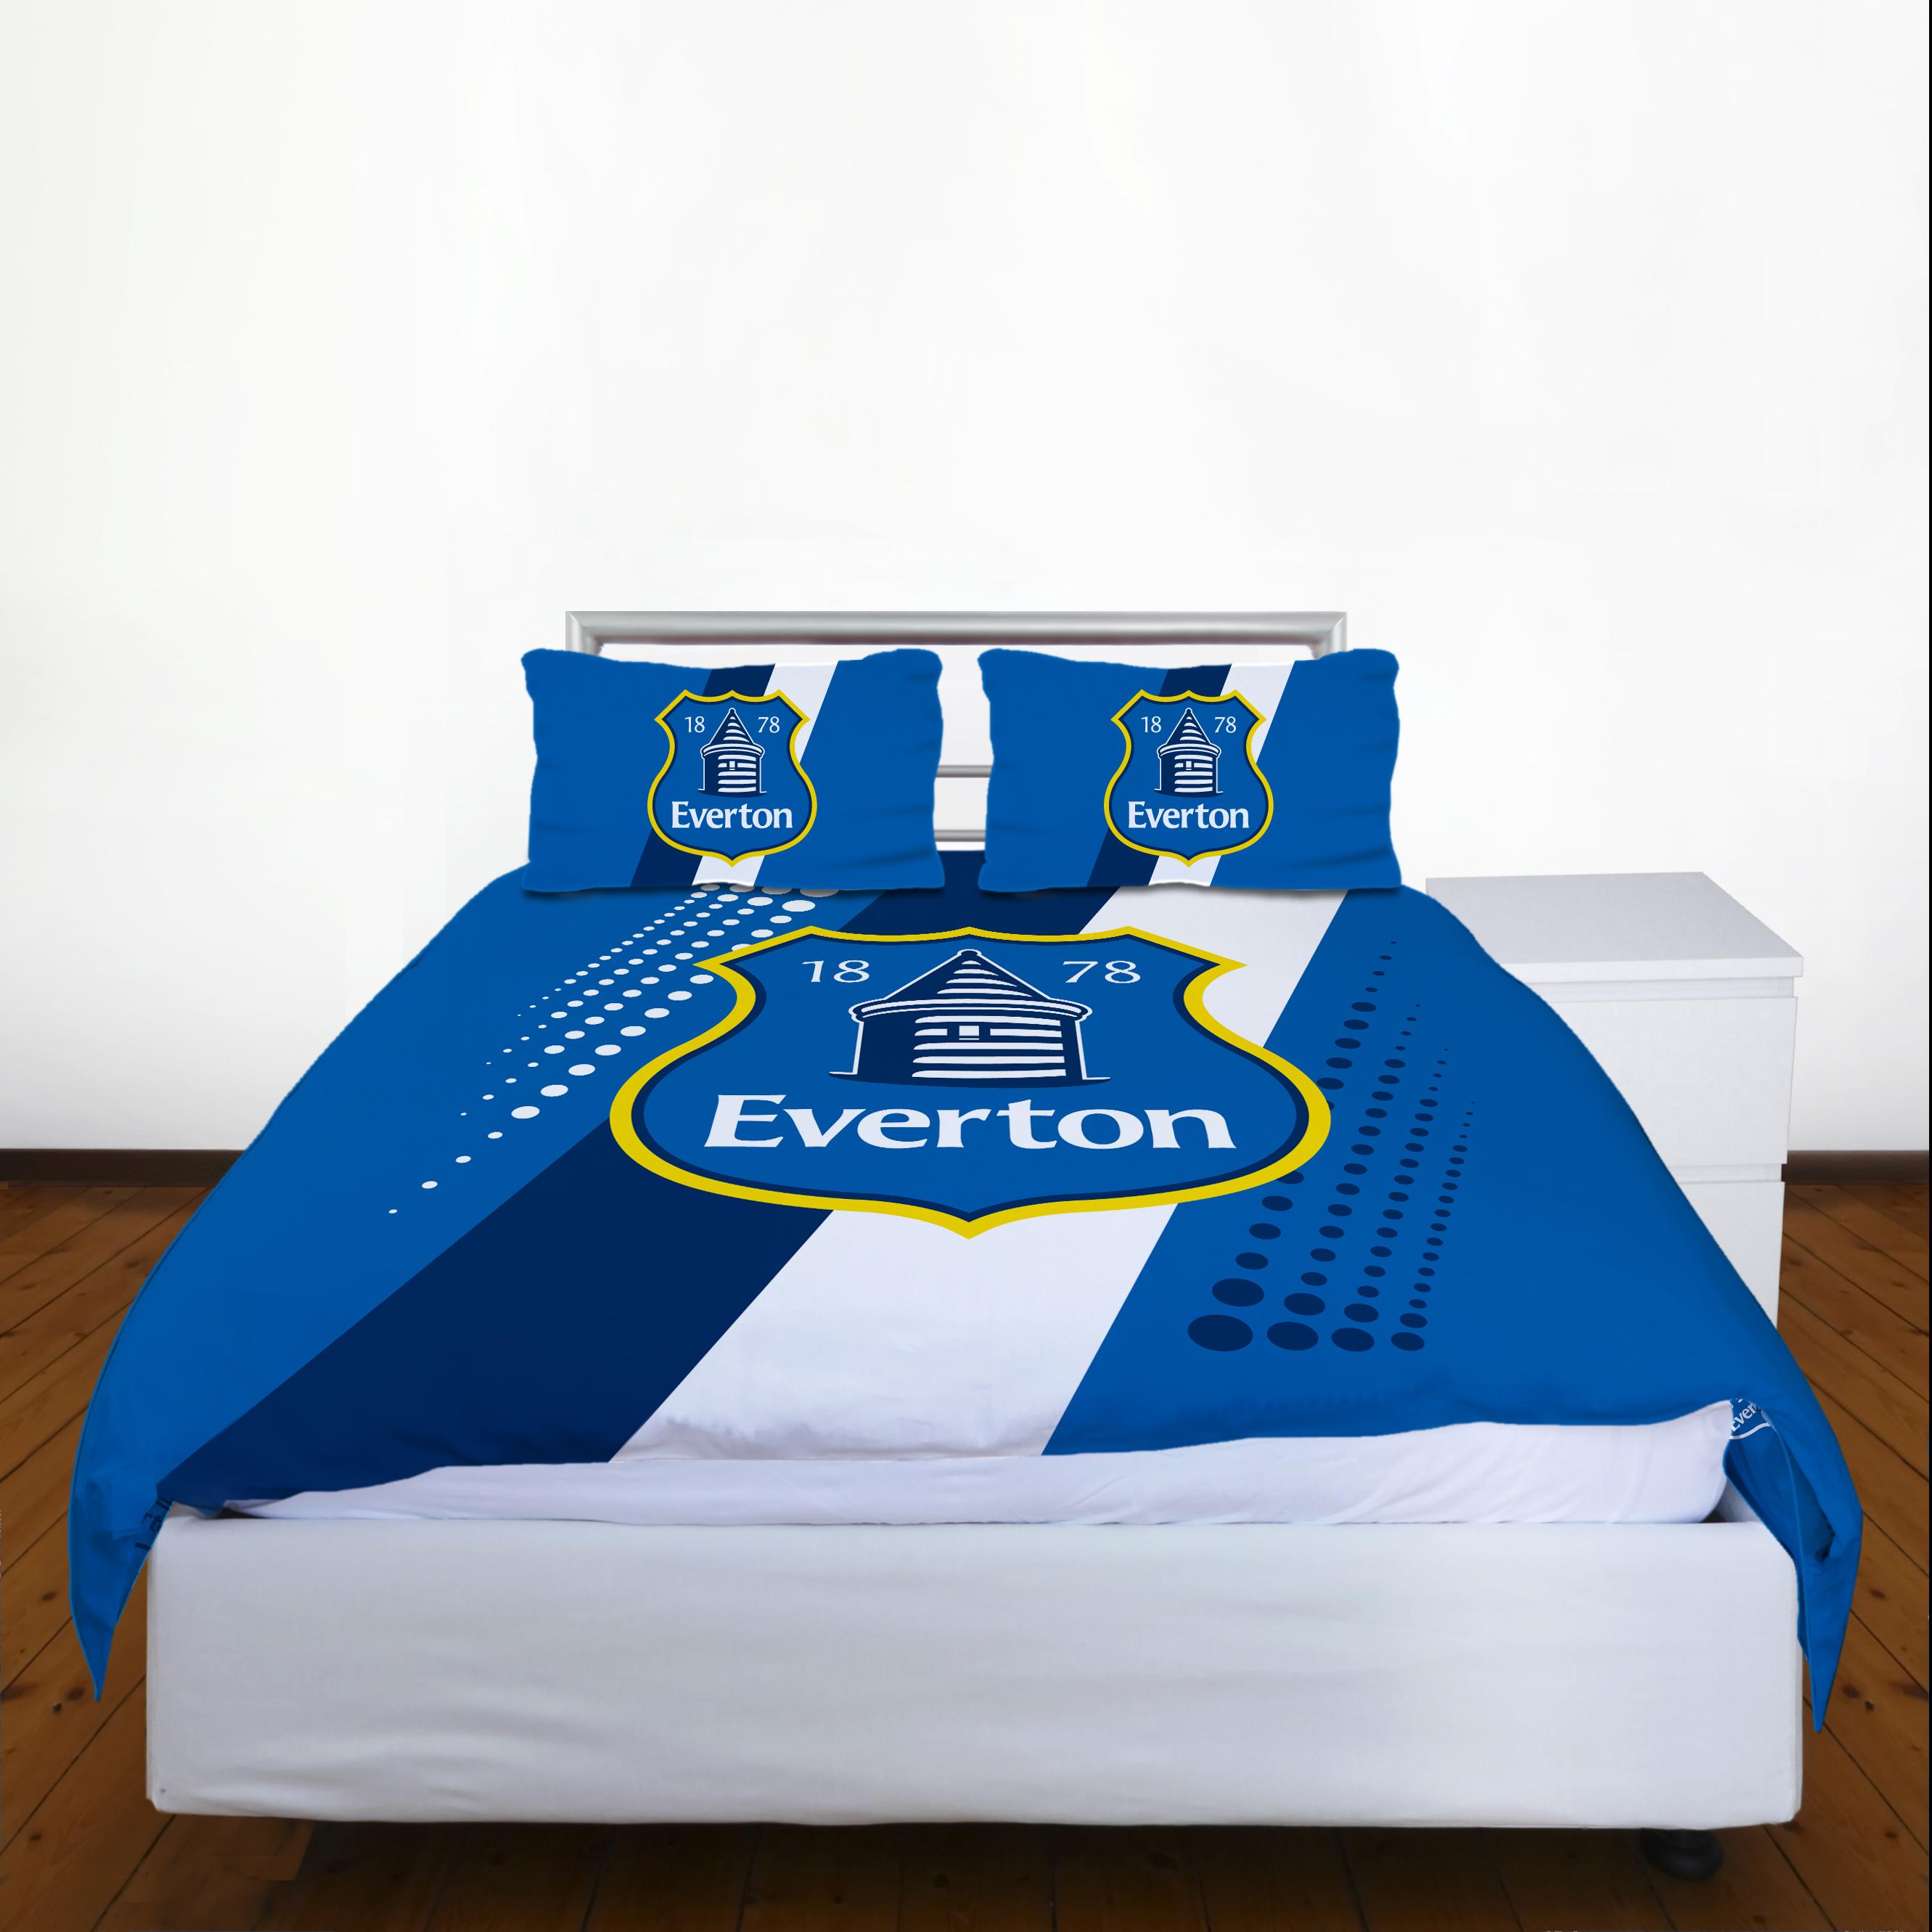 Everton Crest Double Duvet